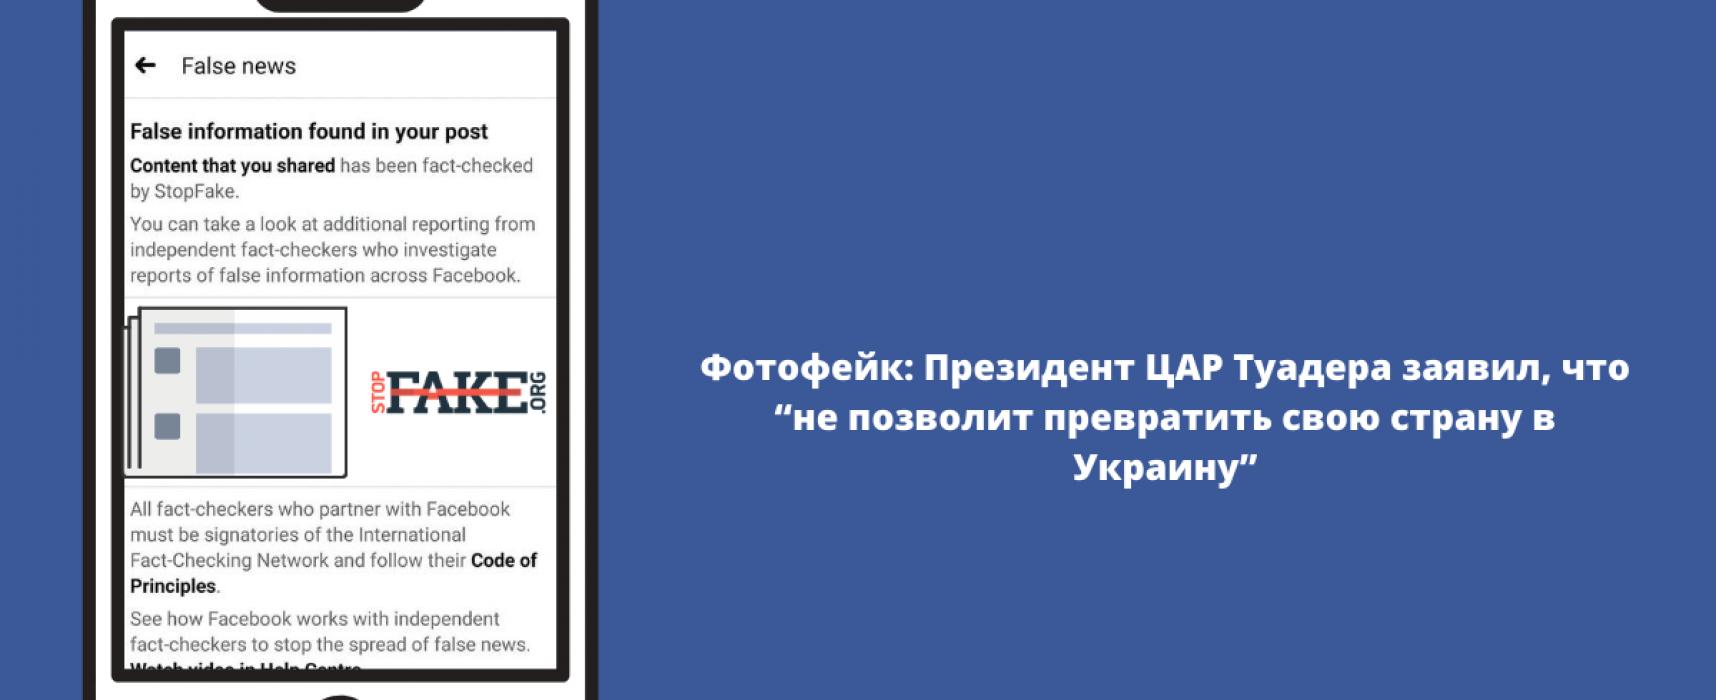 Фотофейк: Президент ЦАР Туадера заявив, що «не дозволить перетворити свою країну на Україну»